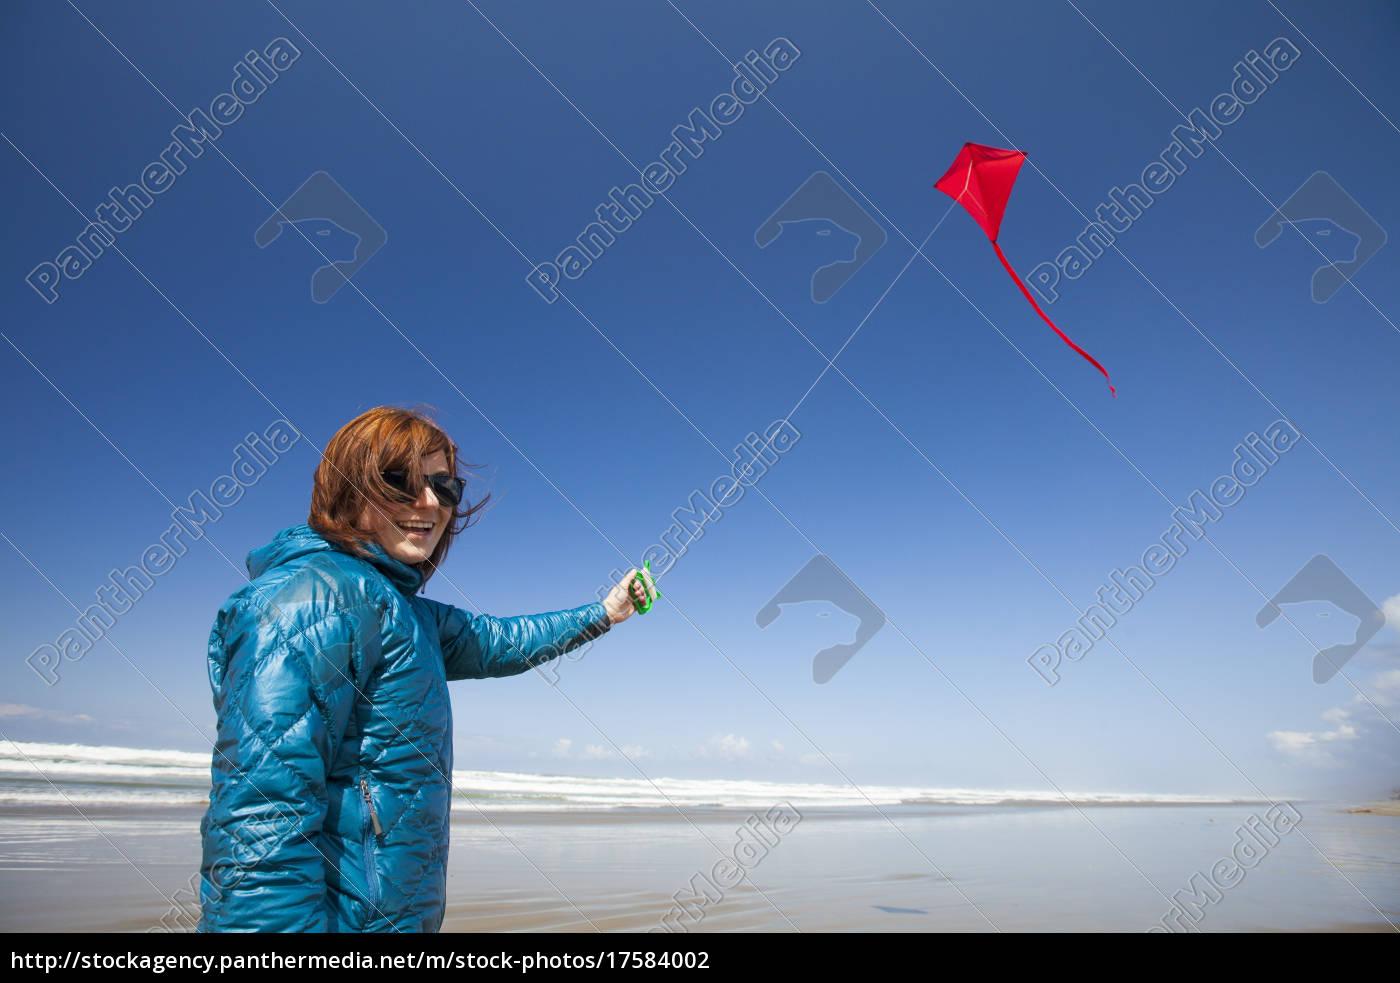 młoda, kobieta, lata, czerwony, latawiec, na - 17584002